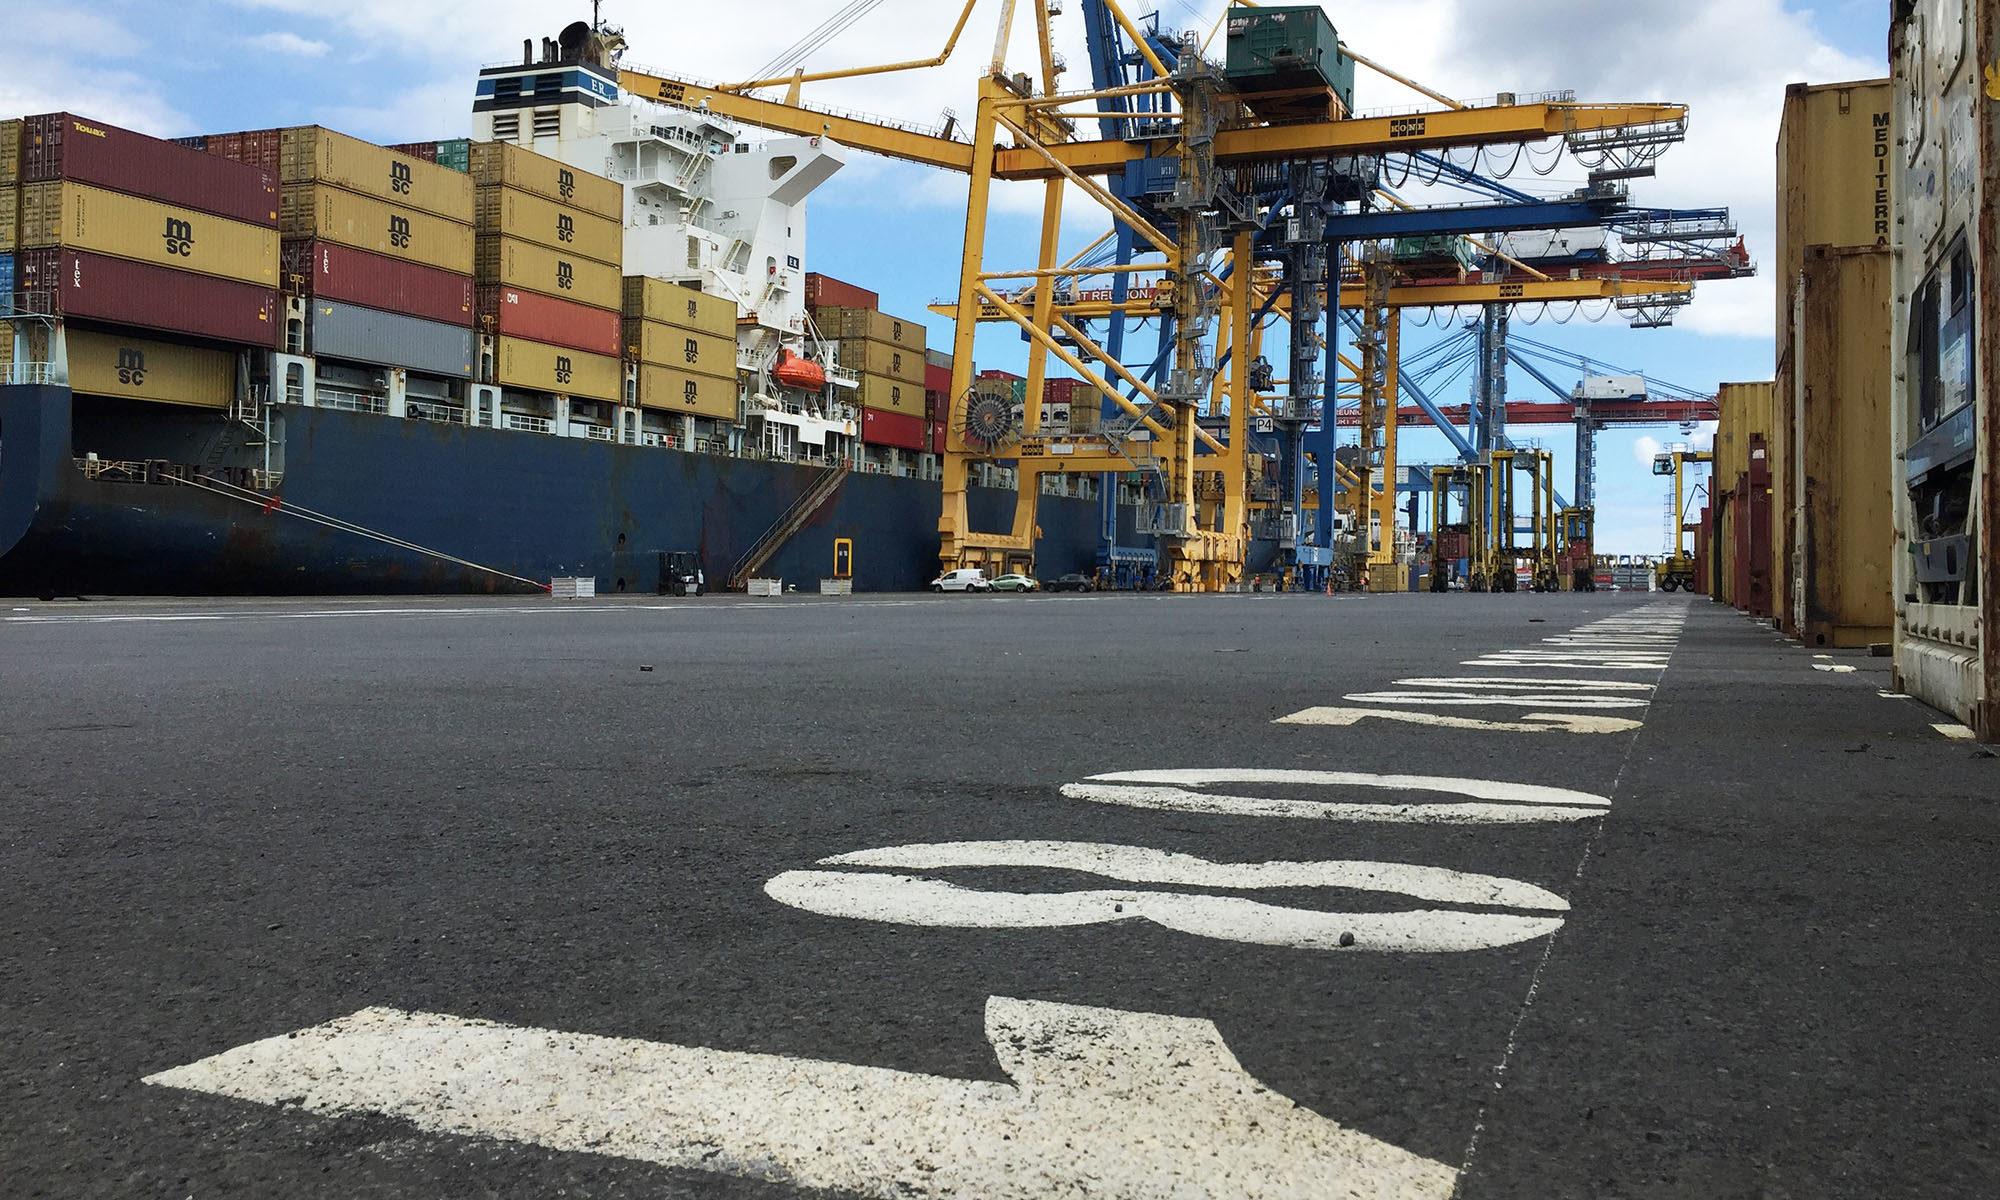 Porte container à quai, La Réunion